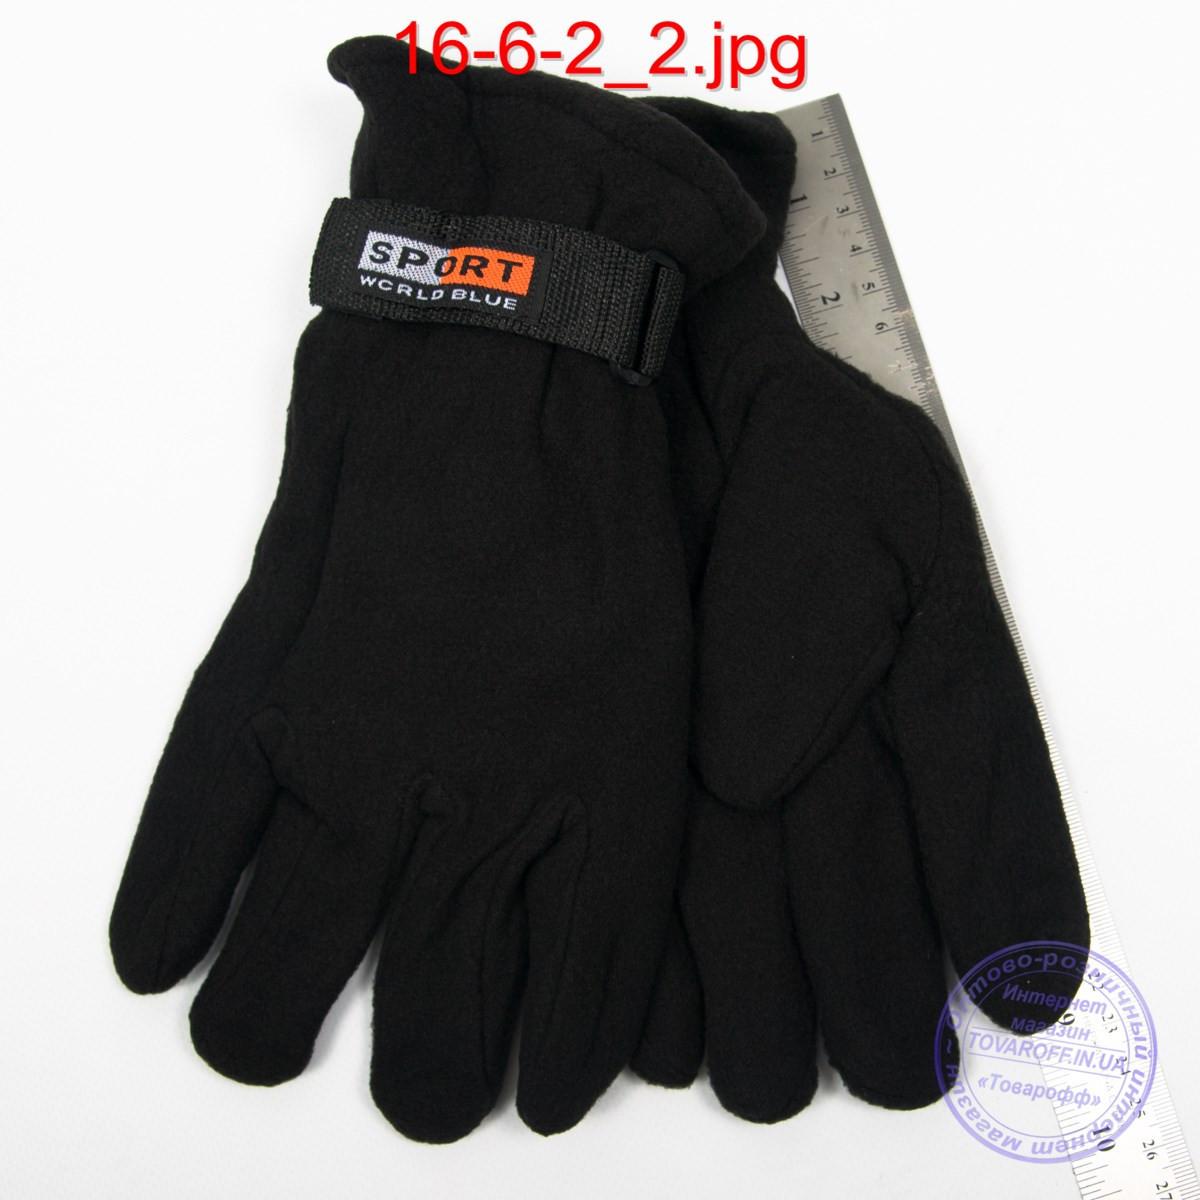 Мужские флисовые двойные перчатки - №16-6-2